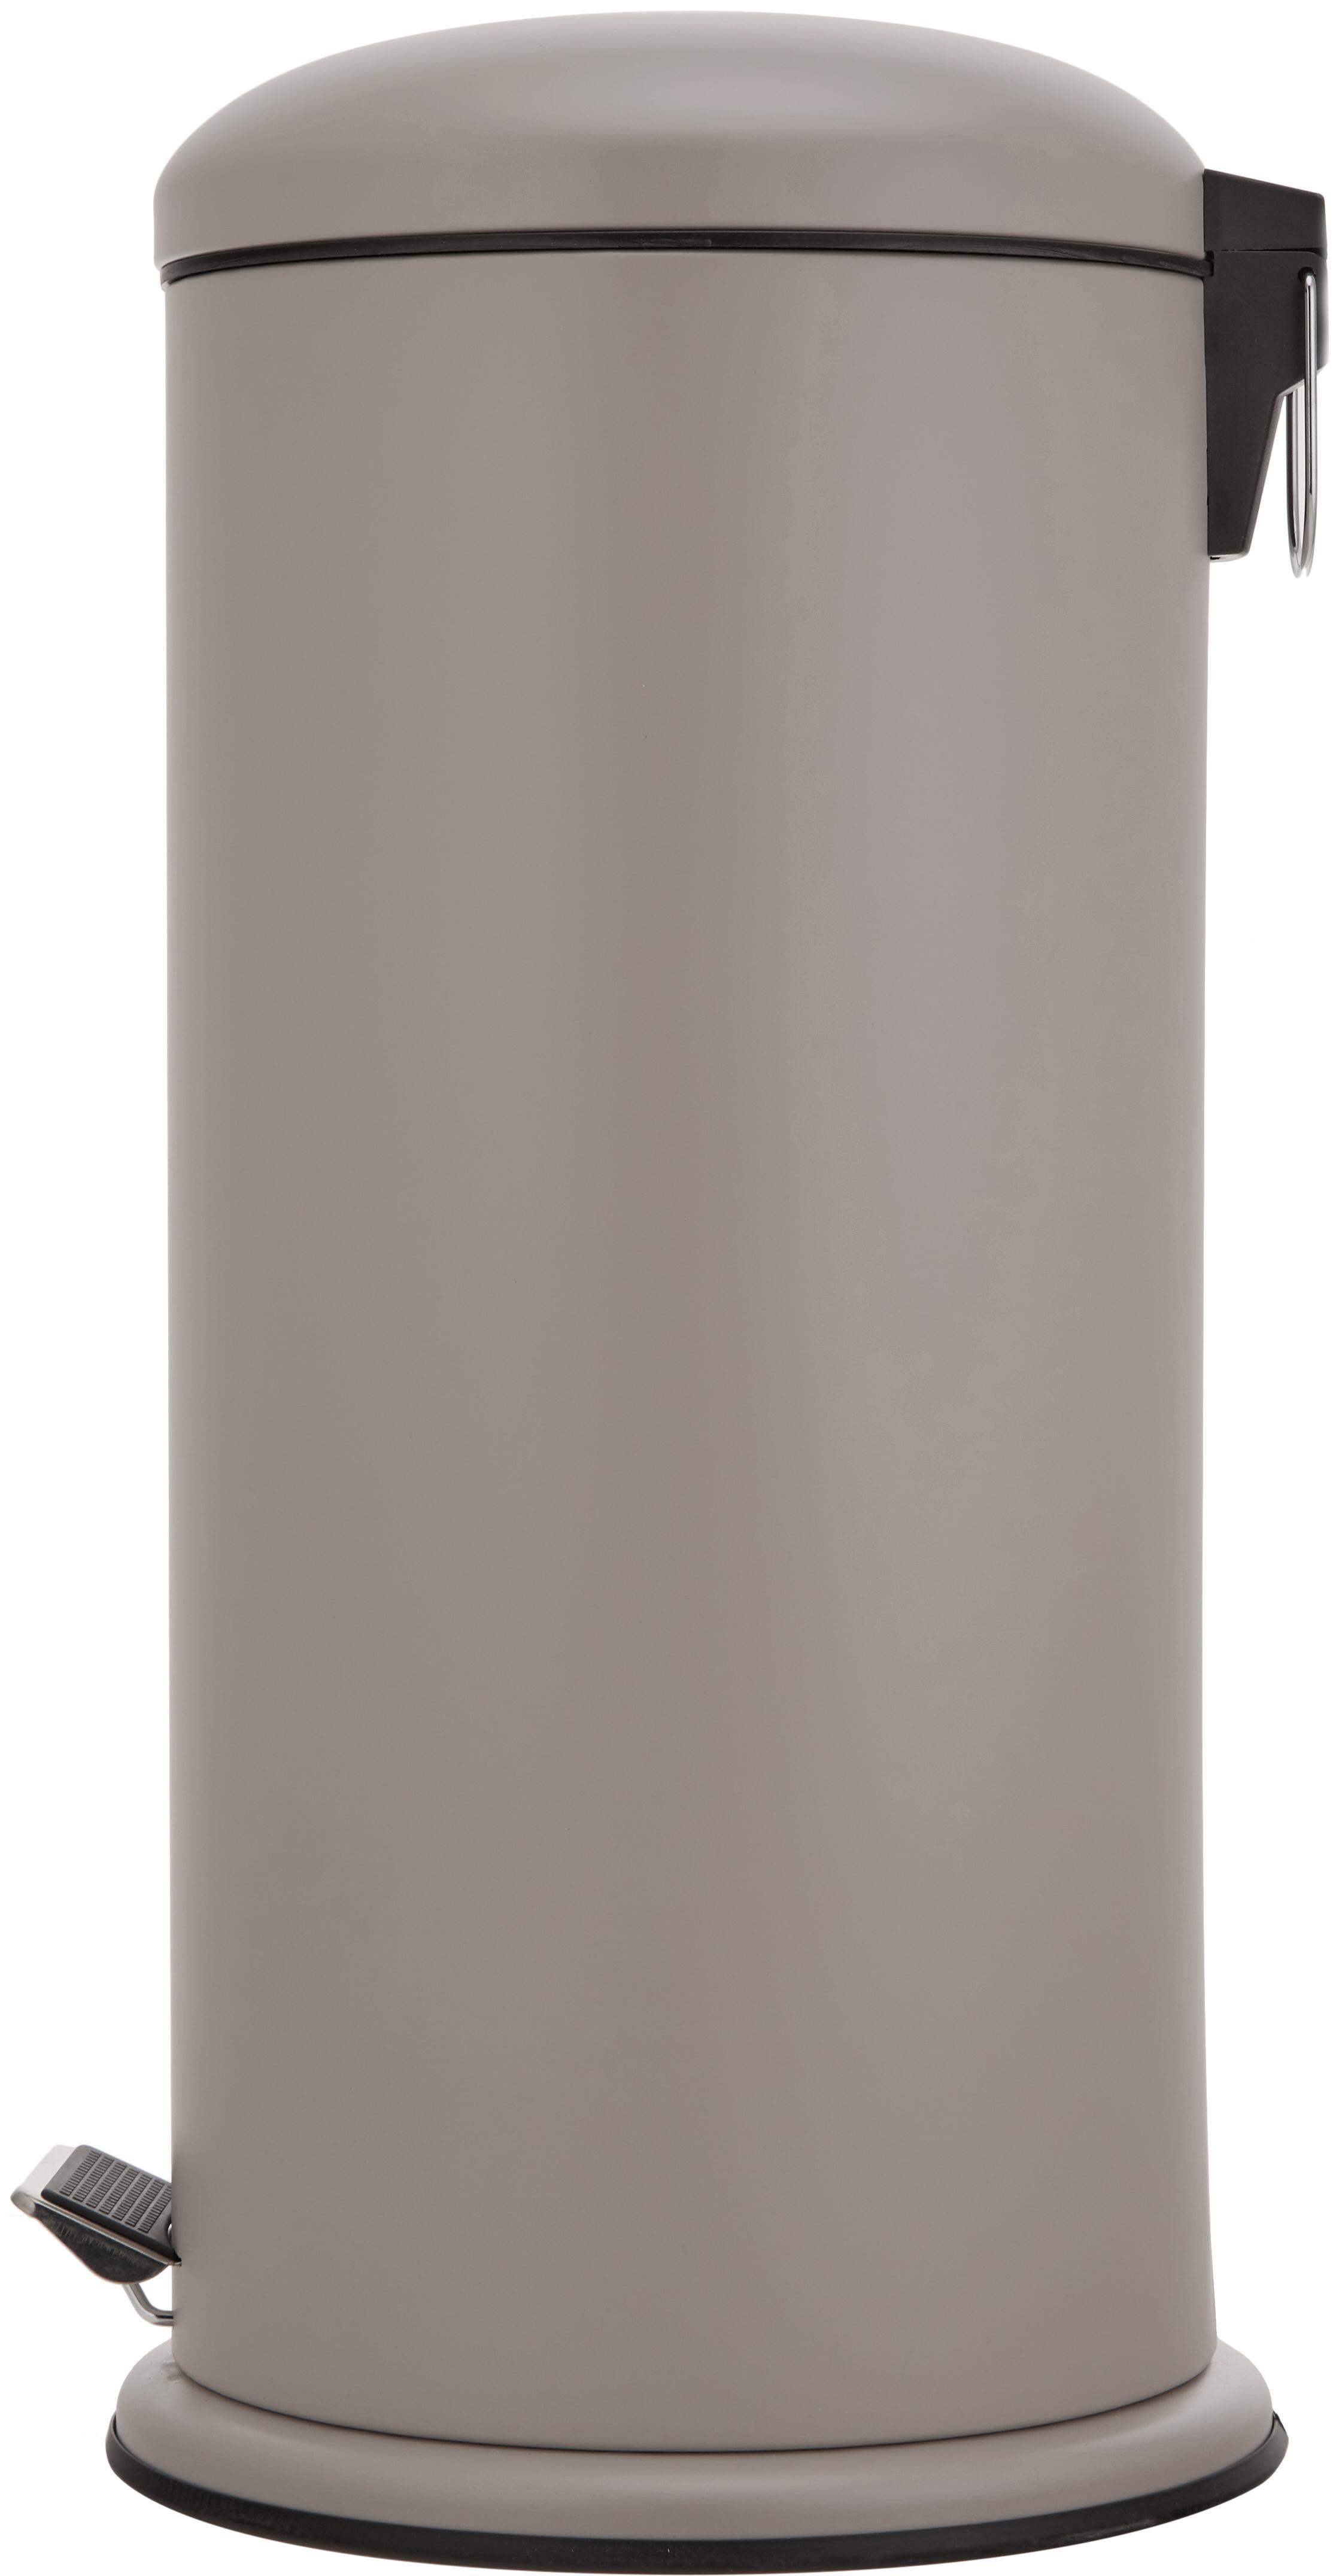 Pattumiera Dustbin, Beige, Ø 30 x Alt. 68 cm